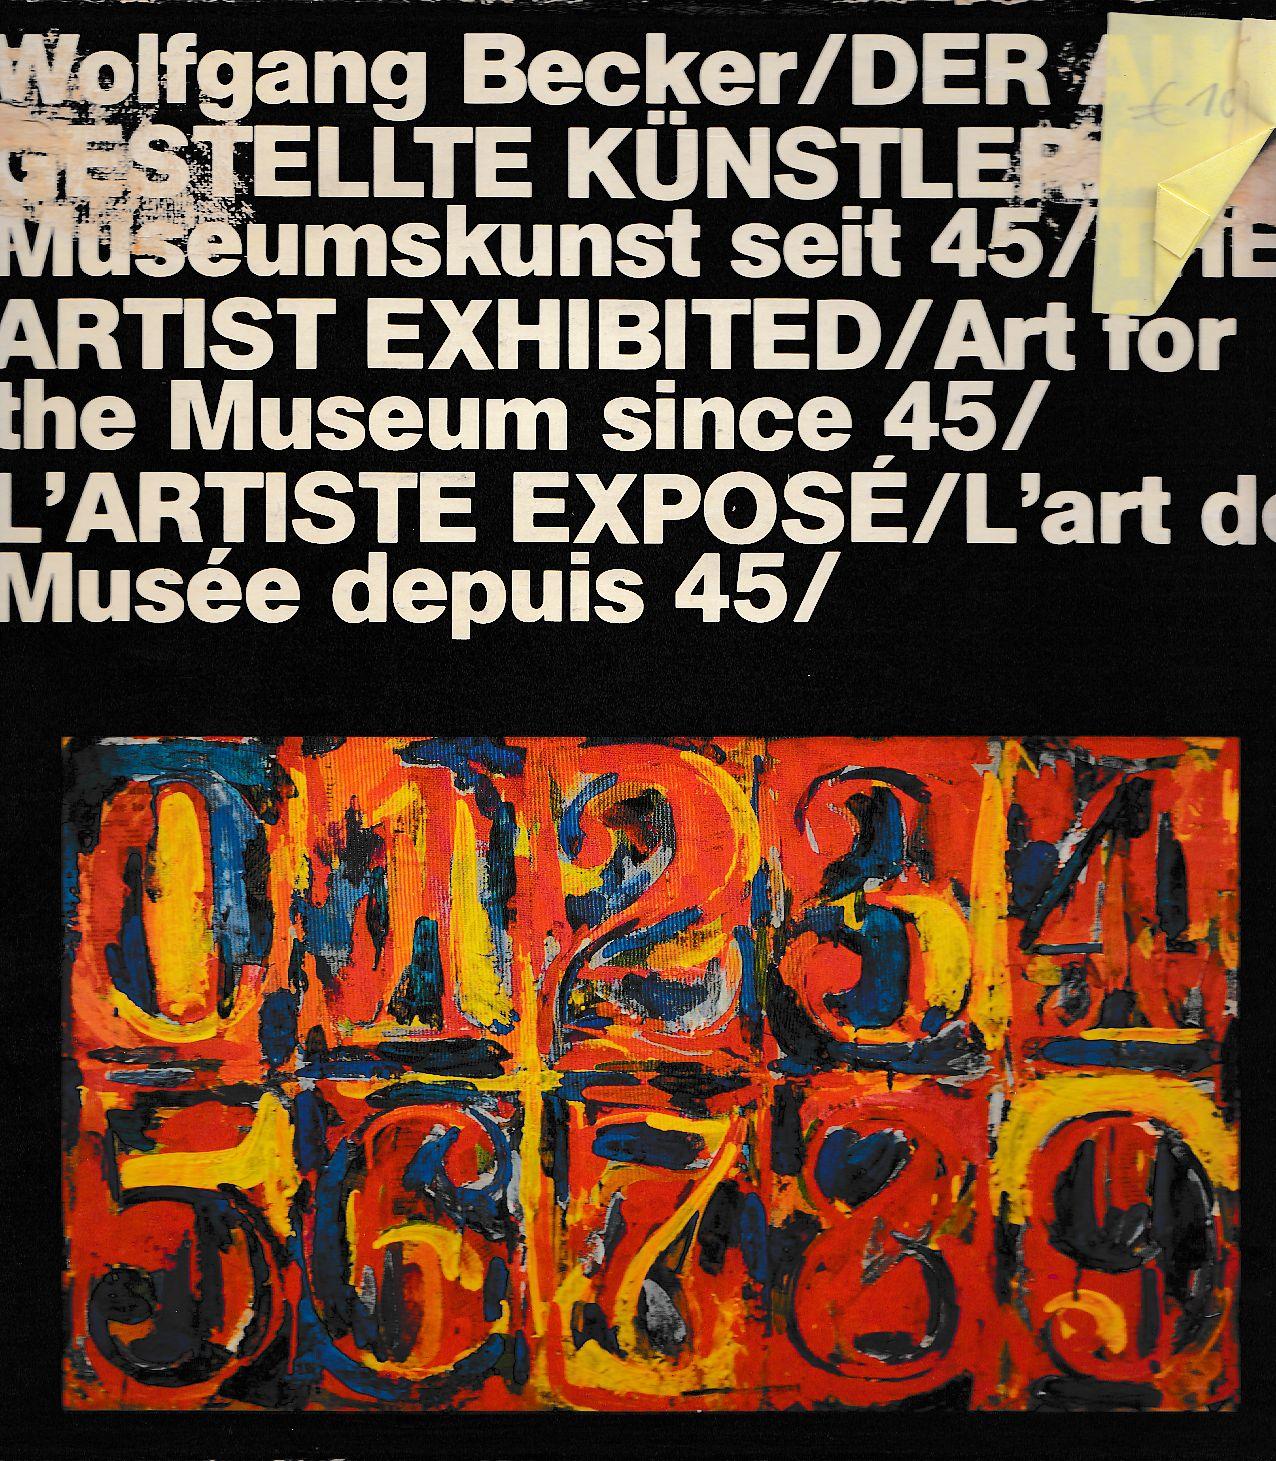 Wolfgang Becker. Der Ausgestellte Kuenstler / Museumskunst: Becker, Wolfgang